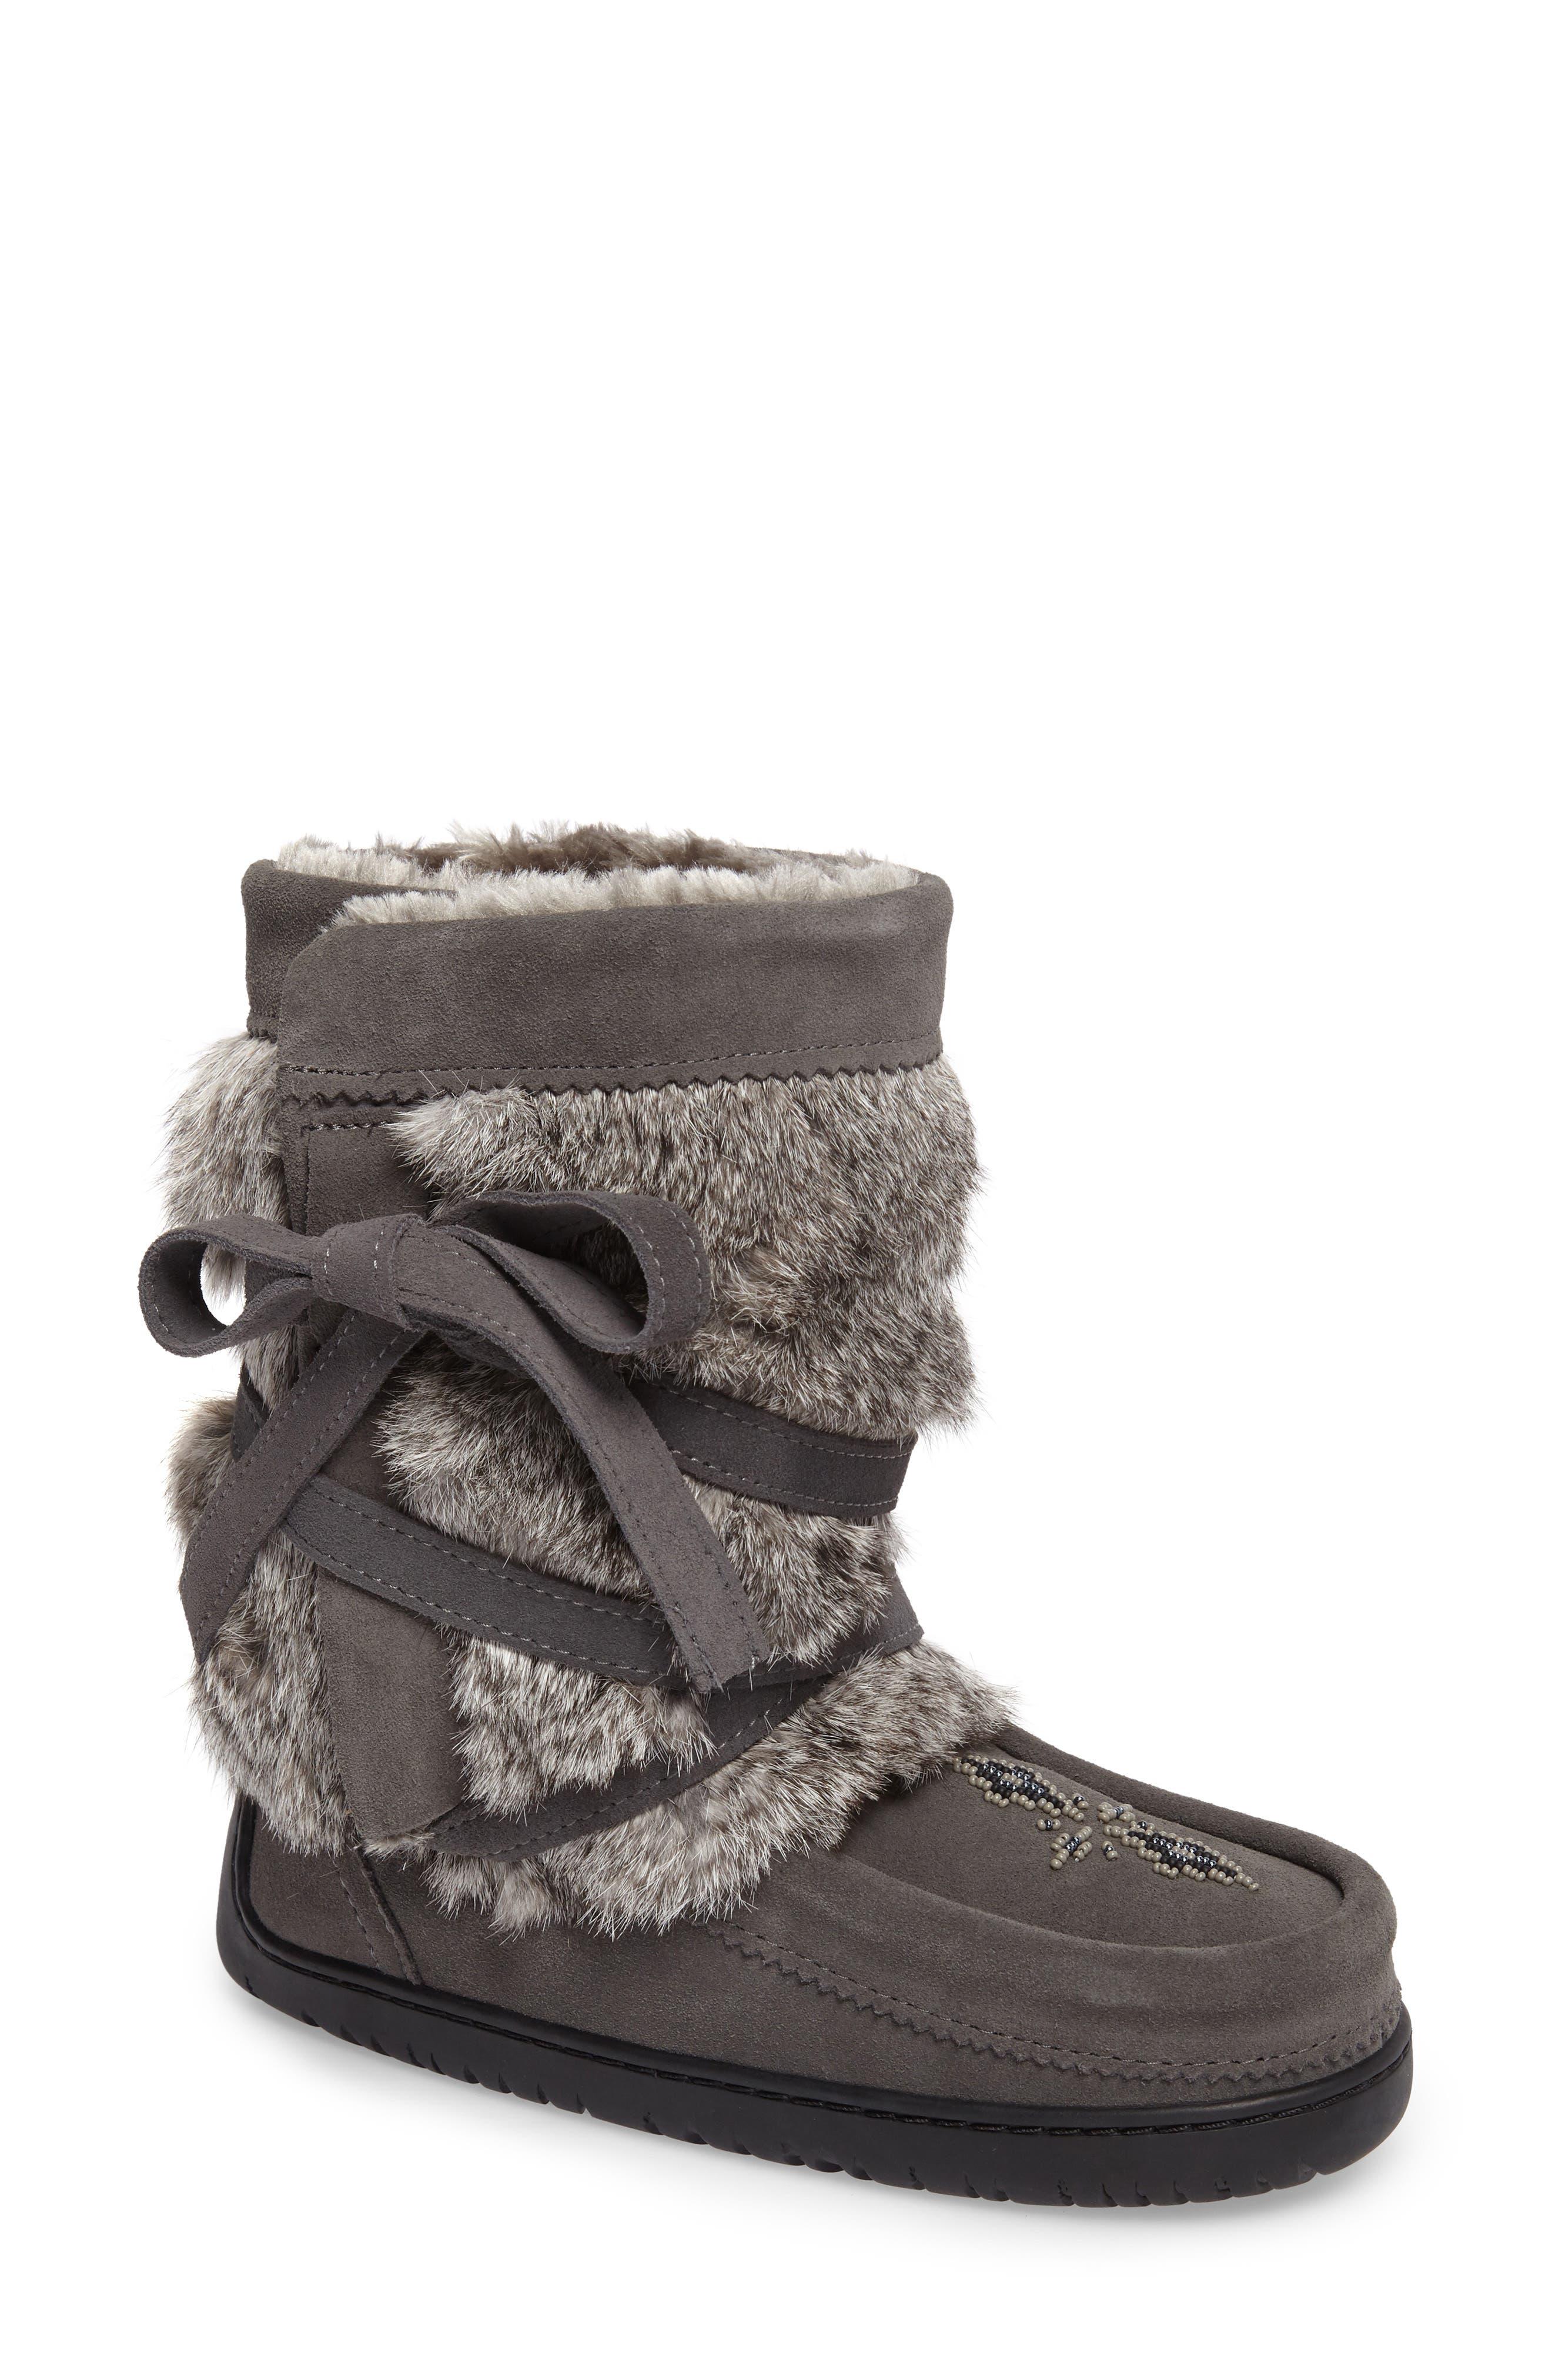 Manitobah Mukluks Beaded Short Wrap Genuine Rabbit Fur & Shearling Boot